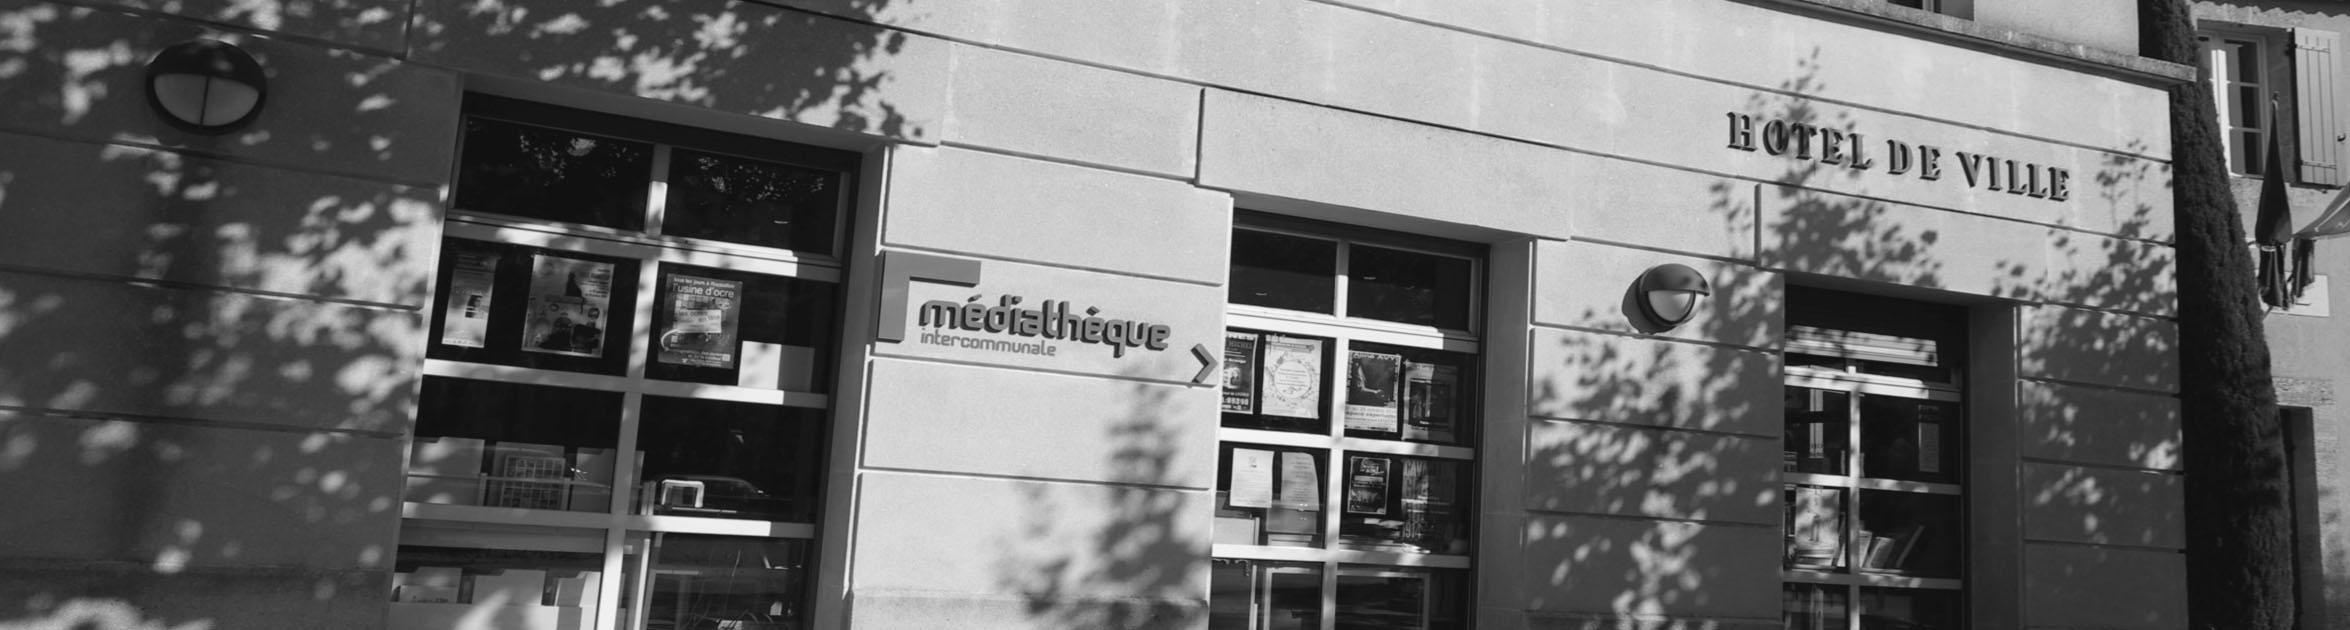 Médiathèques 3.0